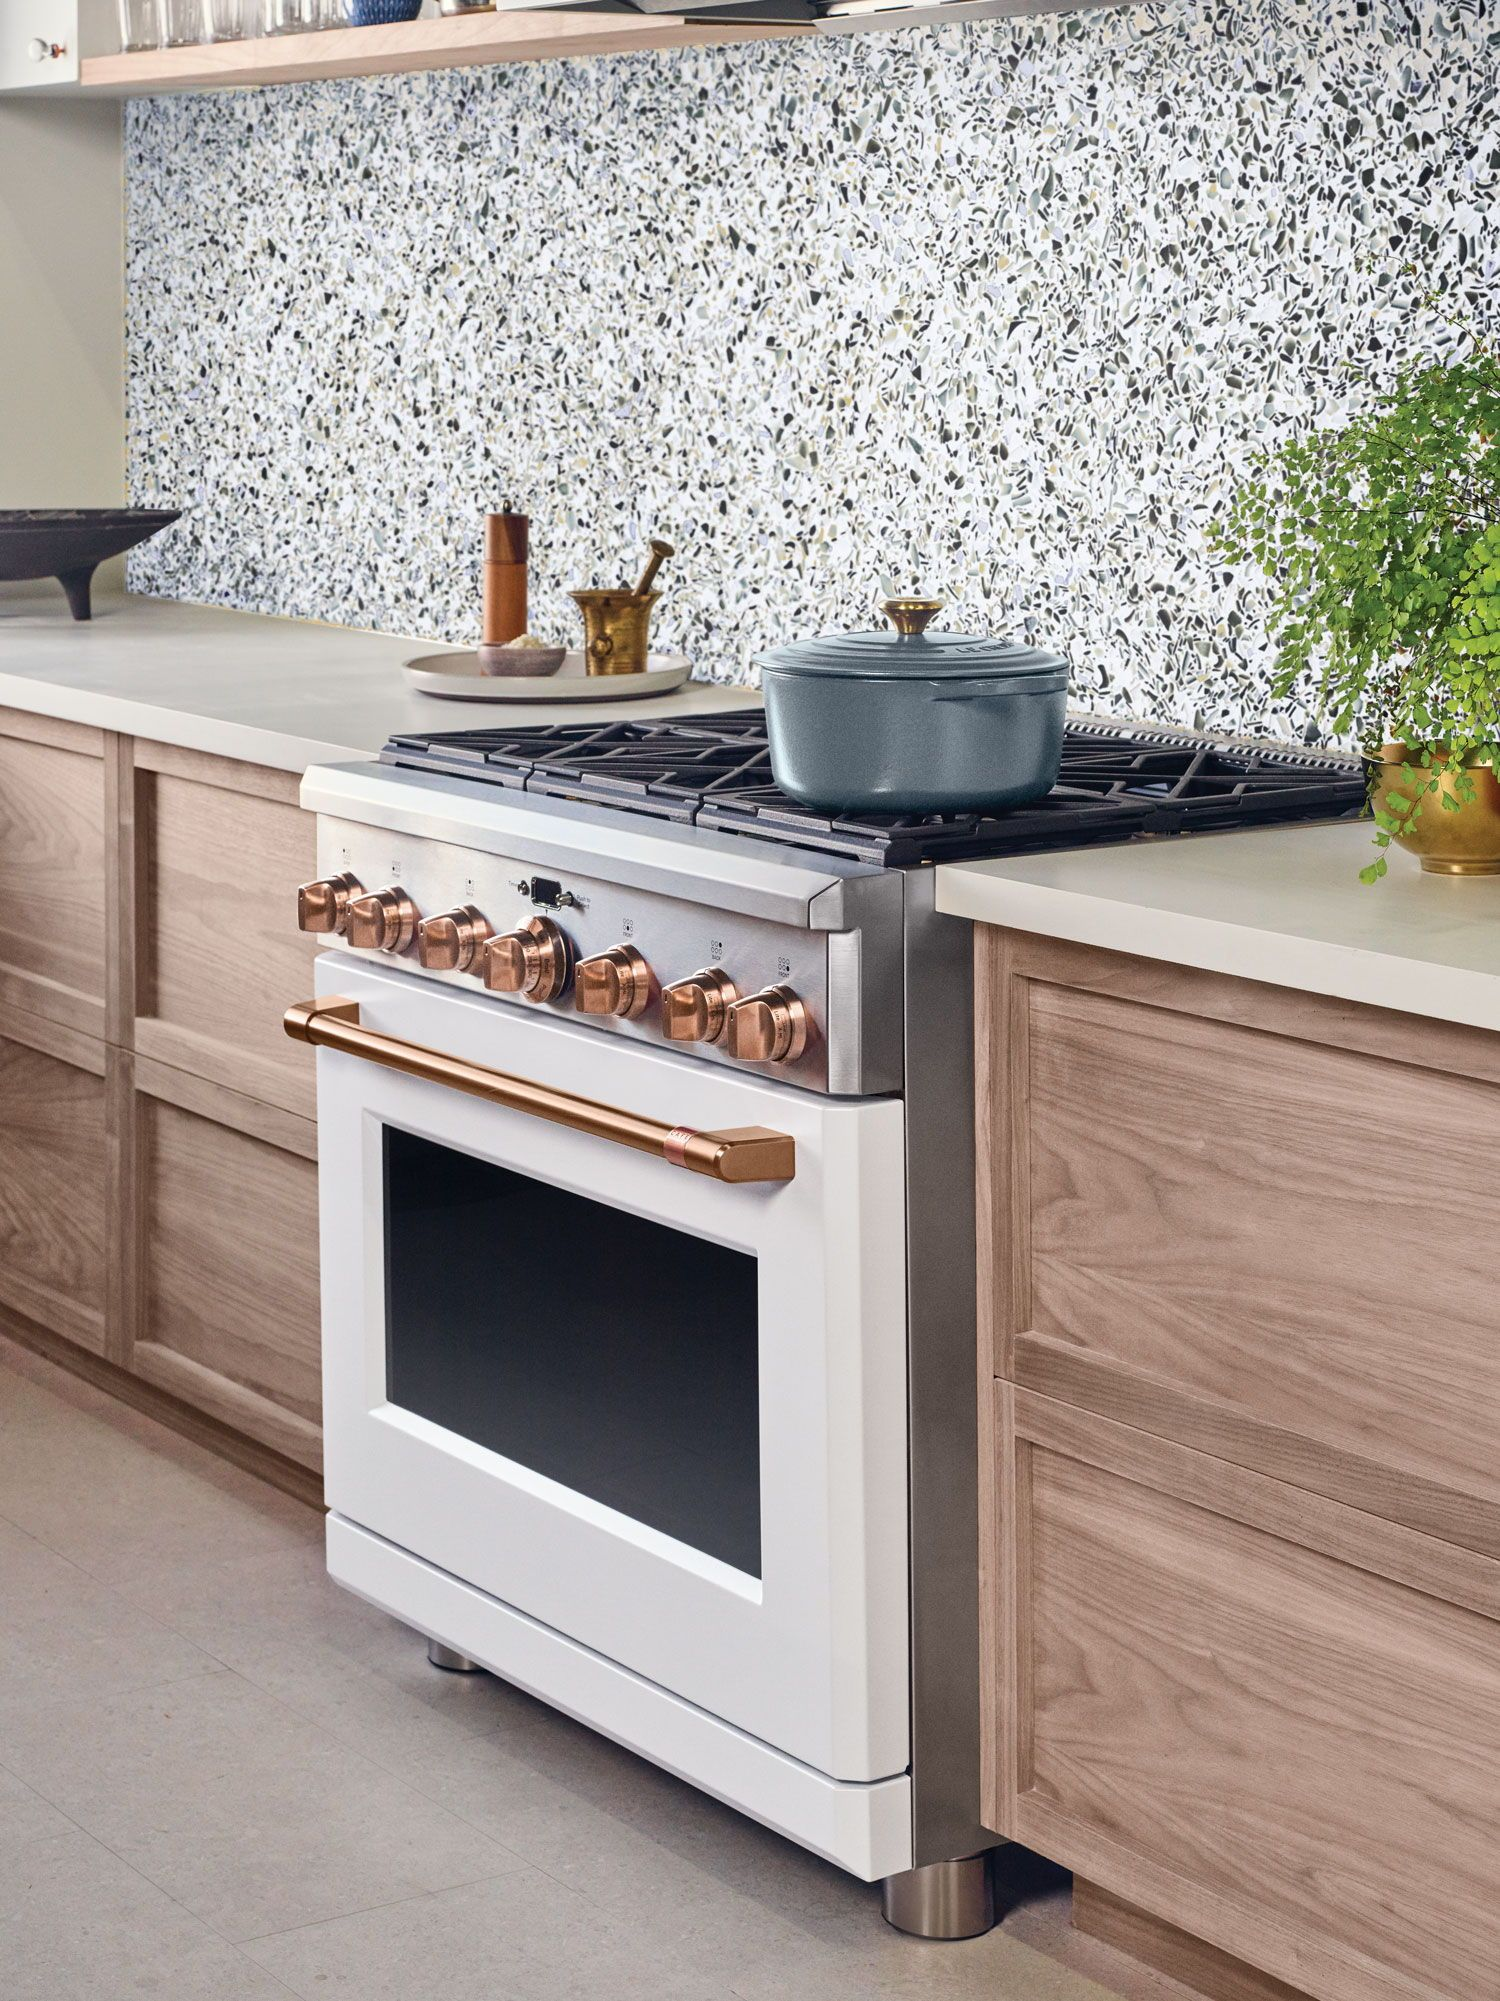 Statement Copper Accents In A Modern Kitchen Sponsored Modern Kitchen Appliances Popular Kitchen Designs Outdoor Kitchen Appliances